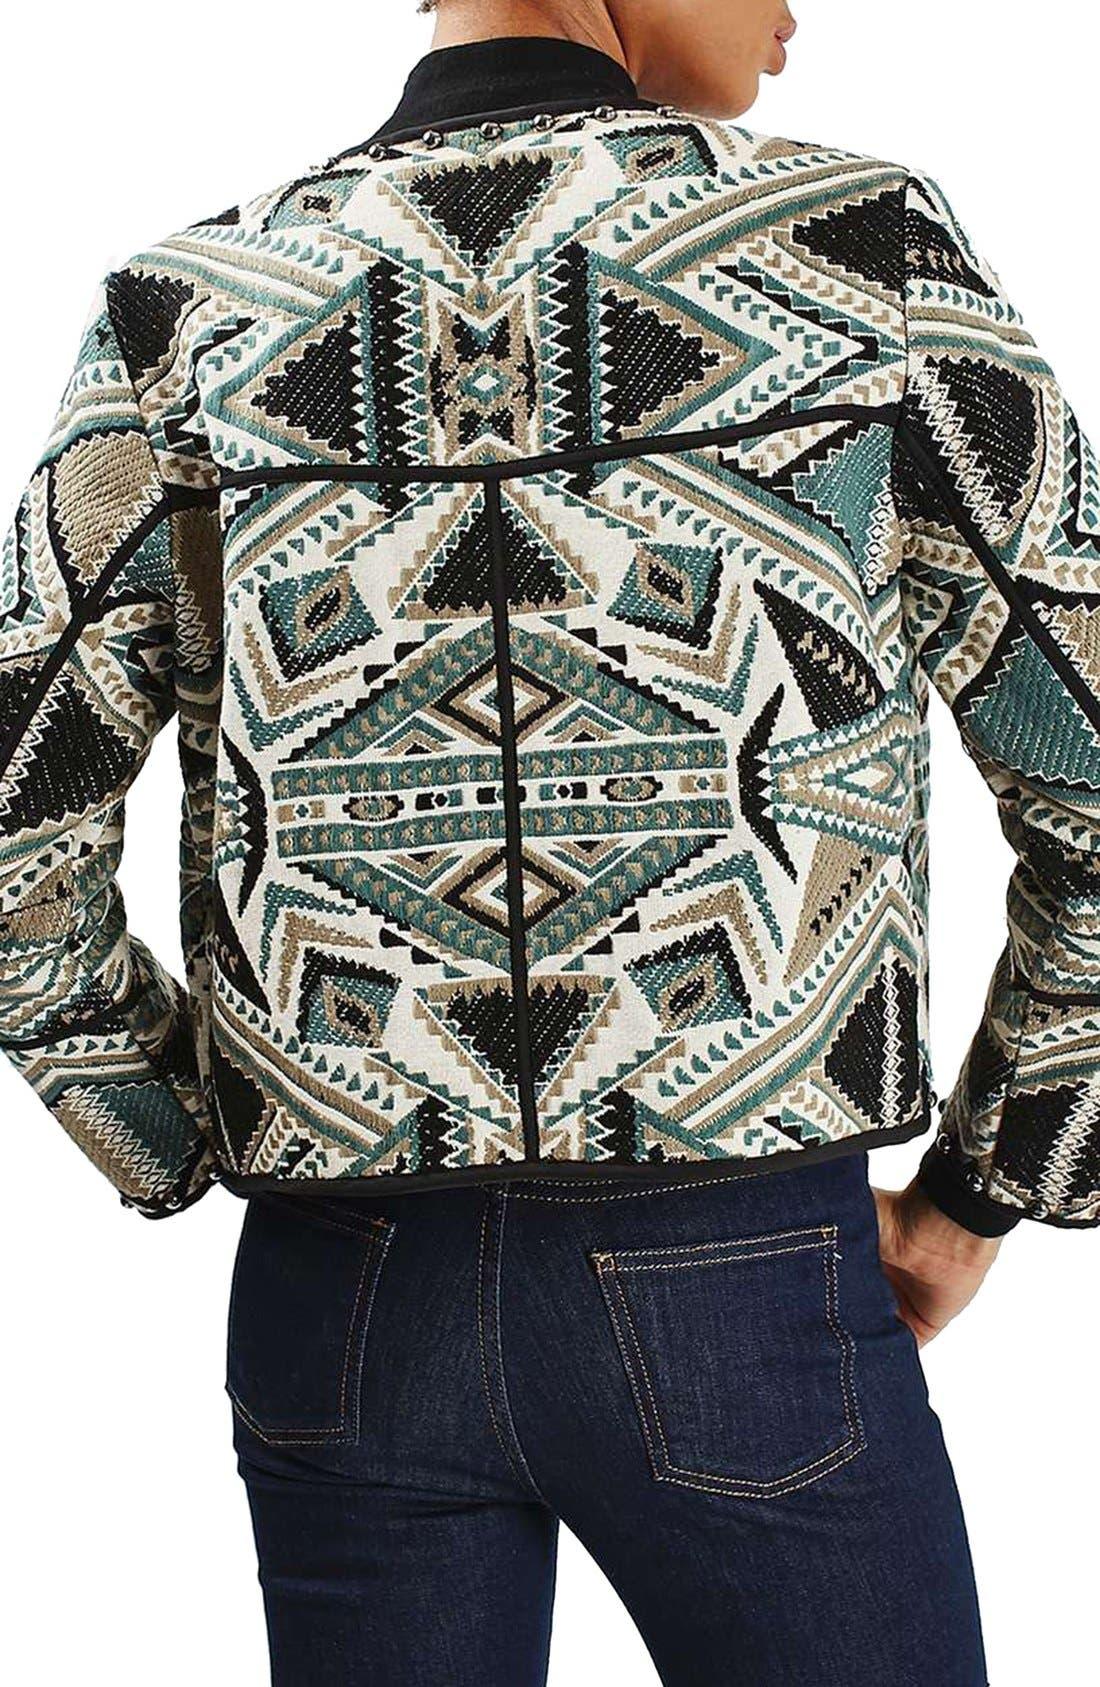 Alternate Image 3  - Topshop Studded Embroidered Jacket